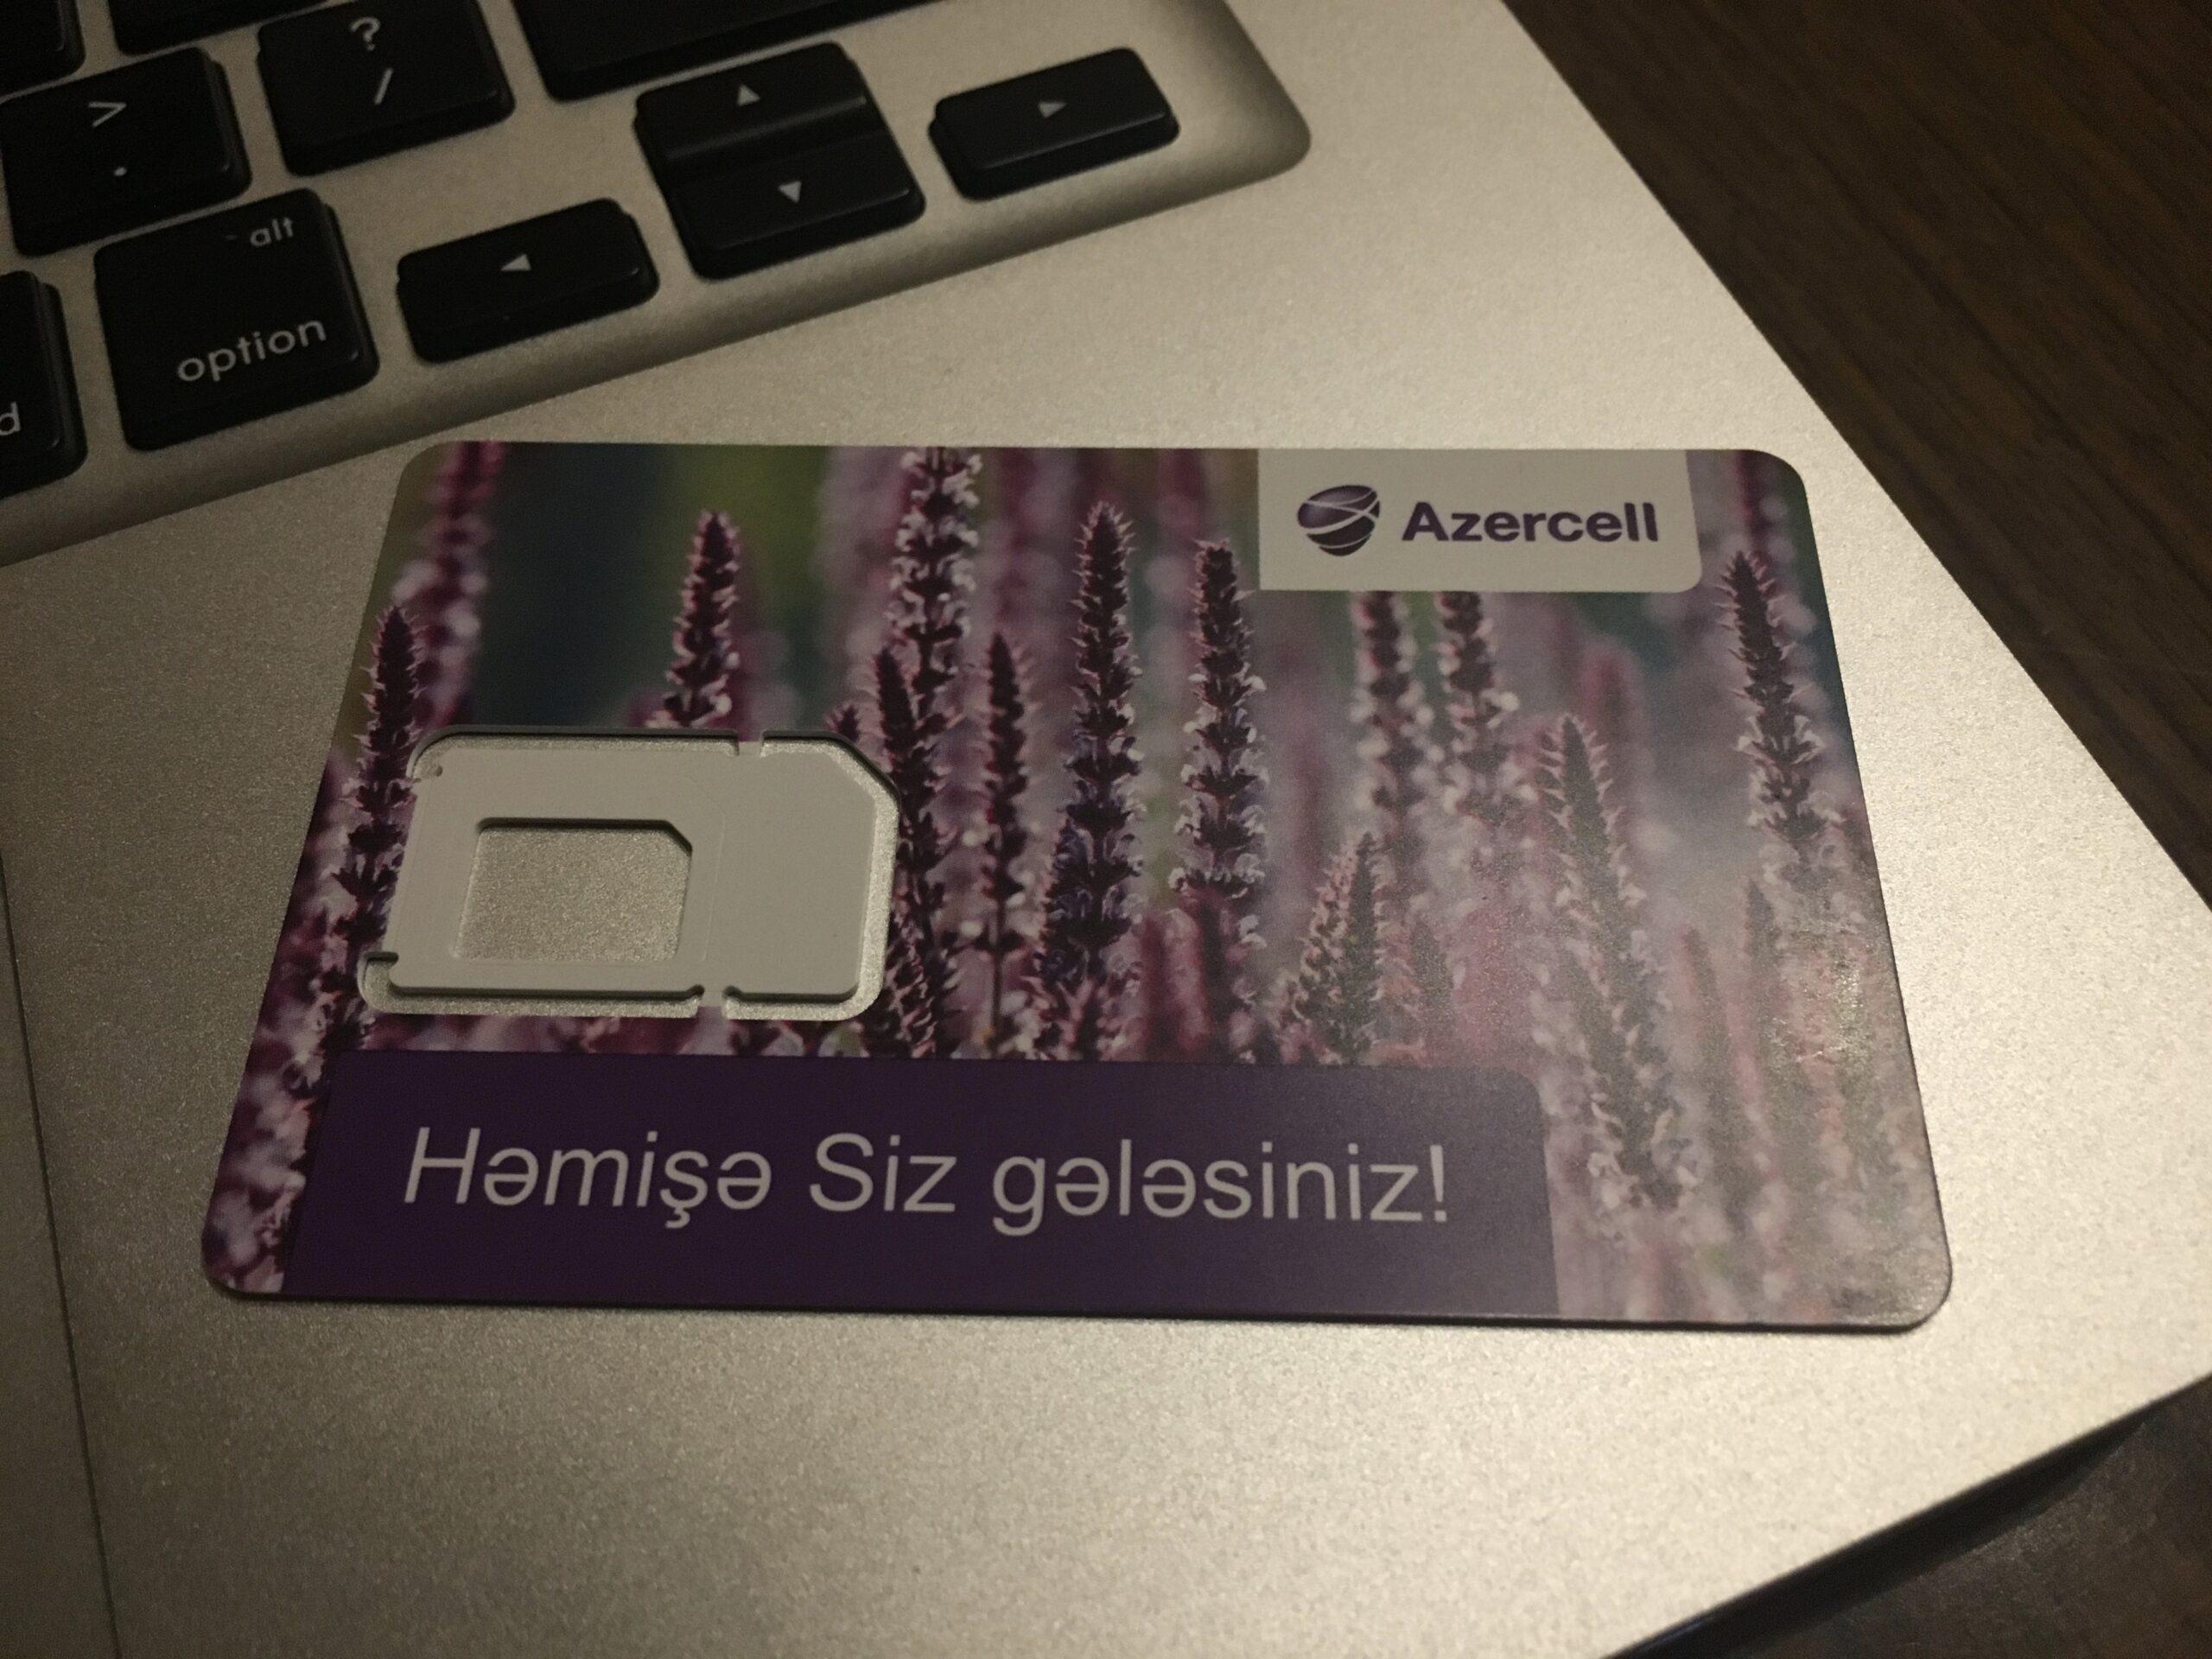 【アゼルバイジャン】空港で購入したアゼルバイジャン現地SIMカードの紹介